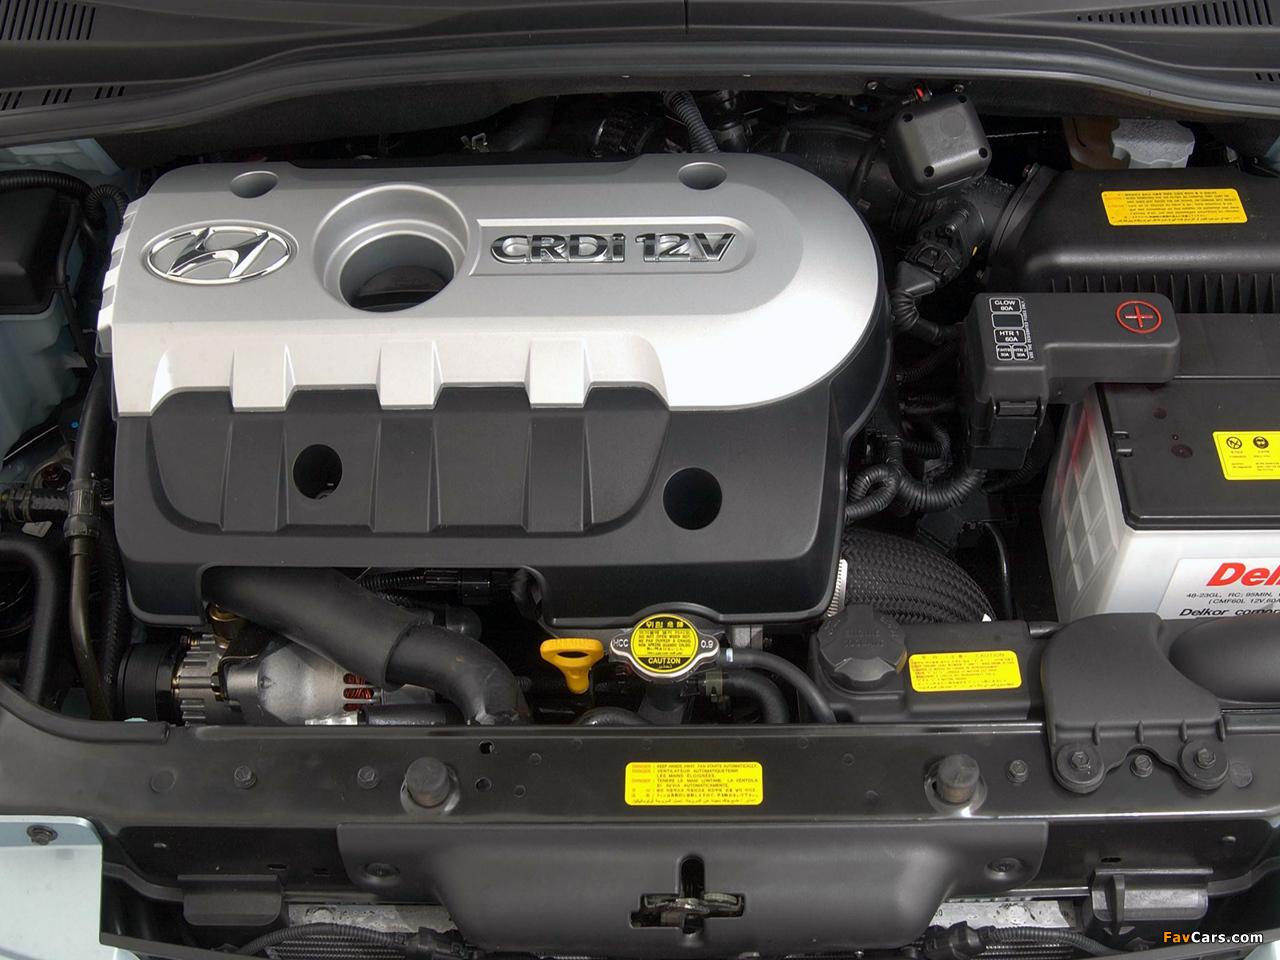 Низкочастотный гул при повышении оборотов двигателя Hyundai Getz